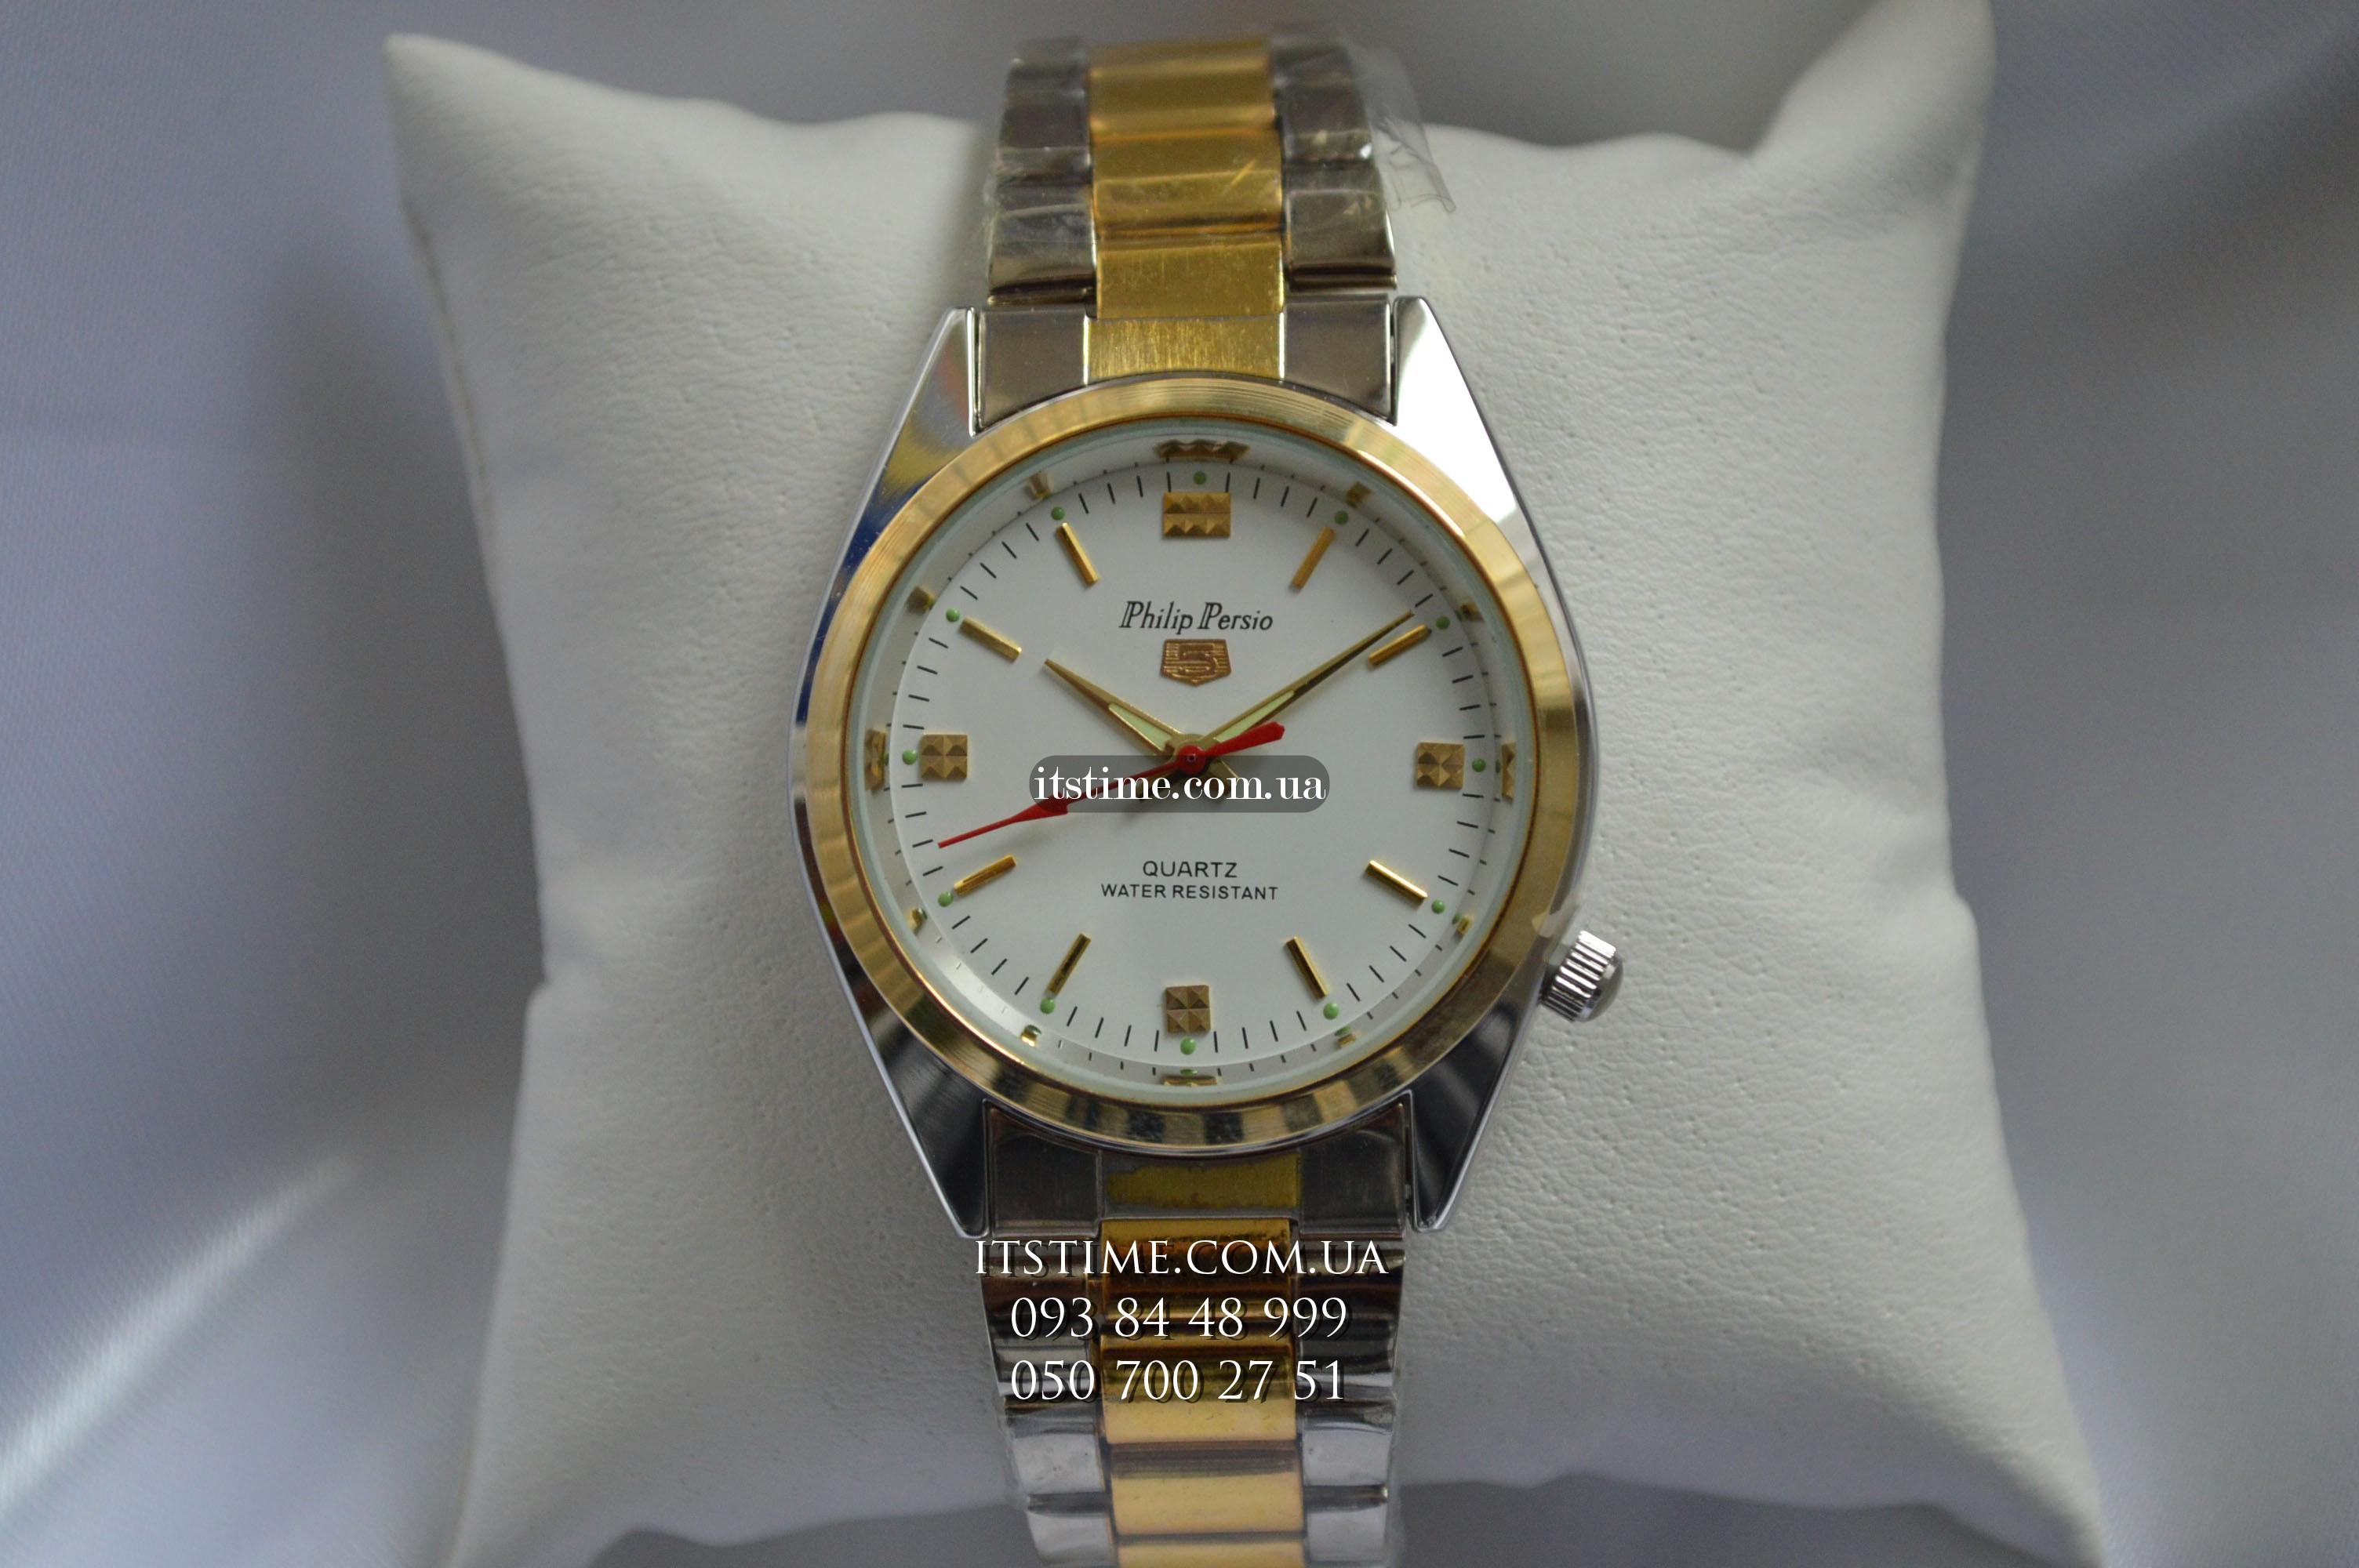 Persio часов стоимость наручных philip в продам сургуте часы